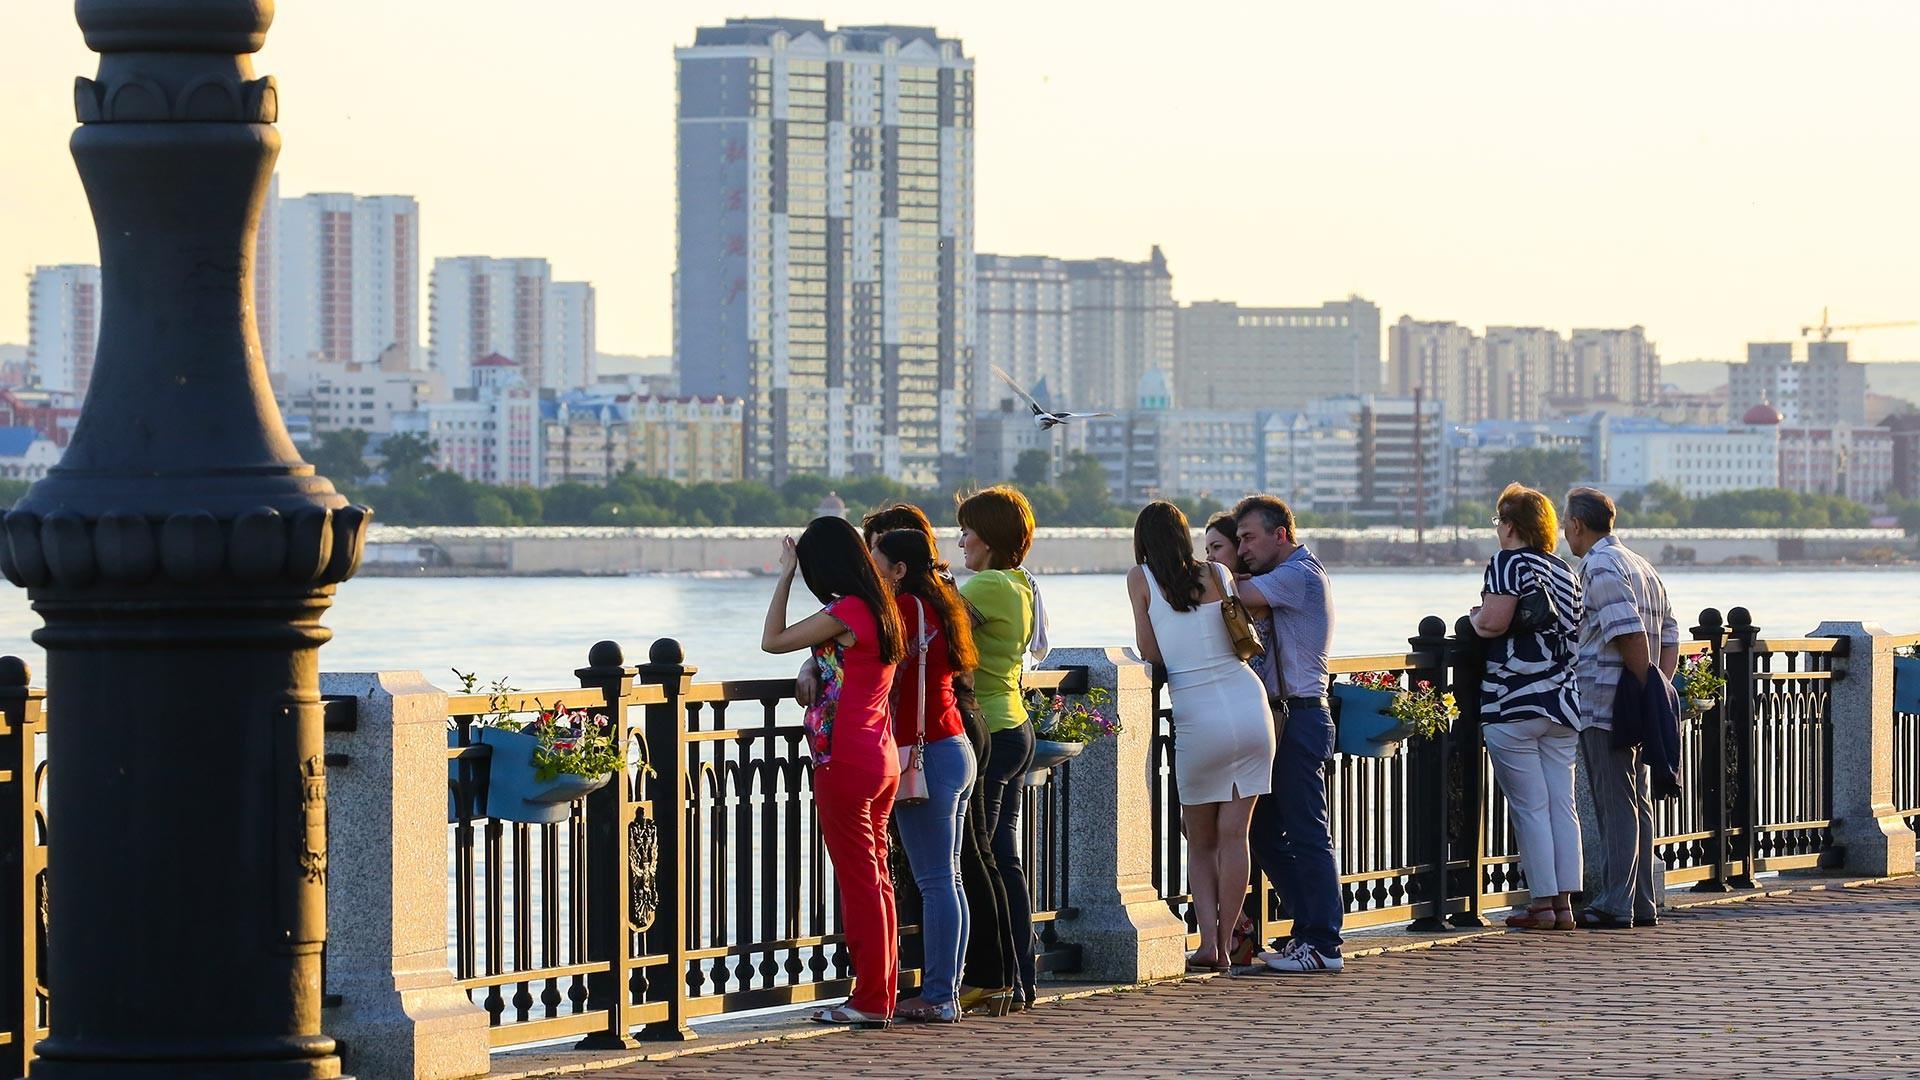 Blagoveshchensk, vista sul fiume Amur, oltre il quale si stagliano i palazzi della città cinese Heihe